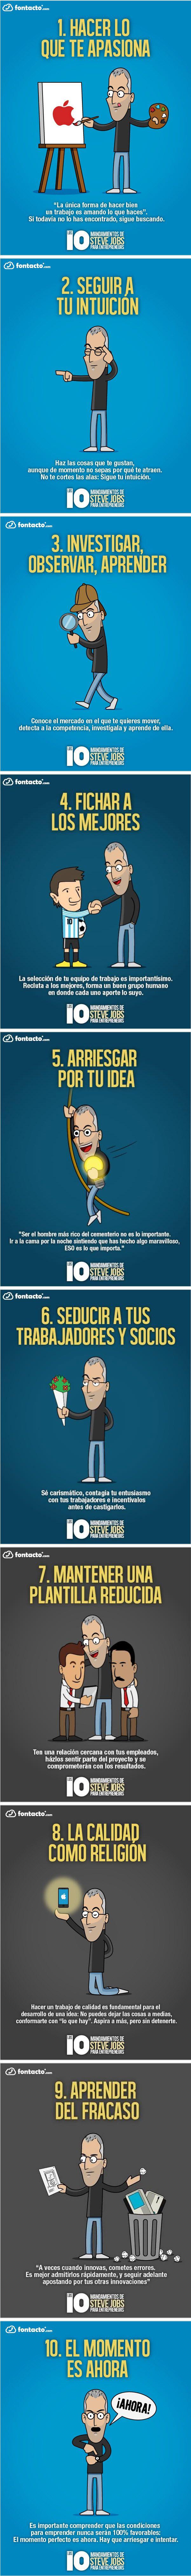 Infografía en español que muestra los 10 mandamientos de Steve Jobs para emprendedores